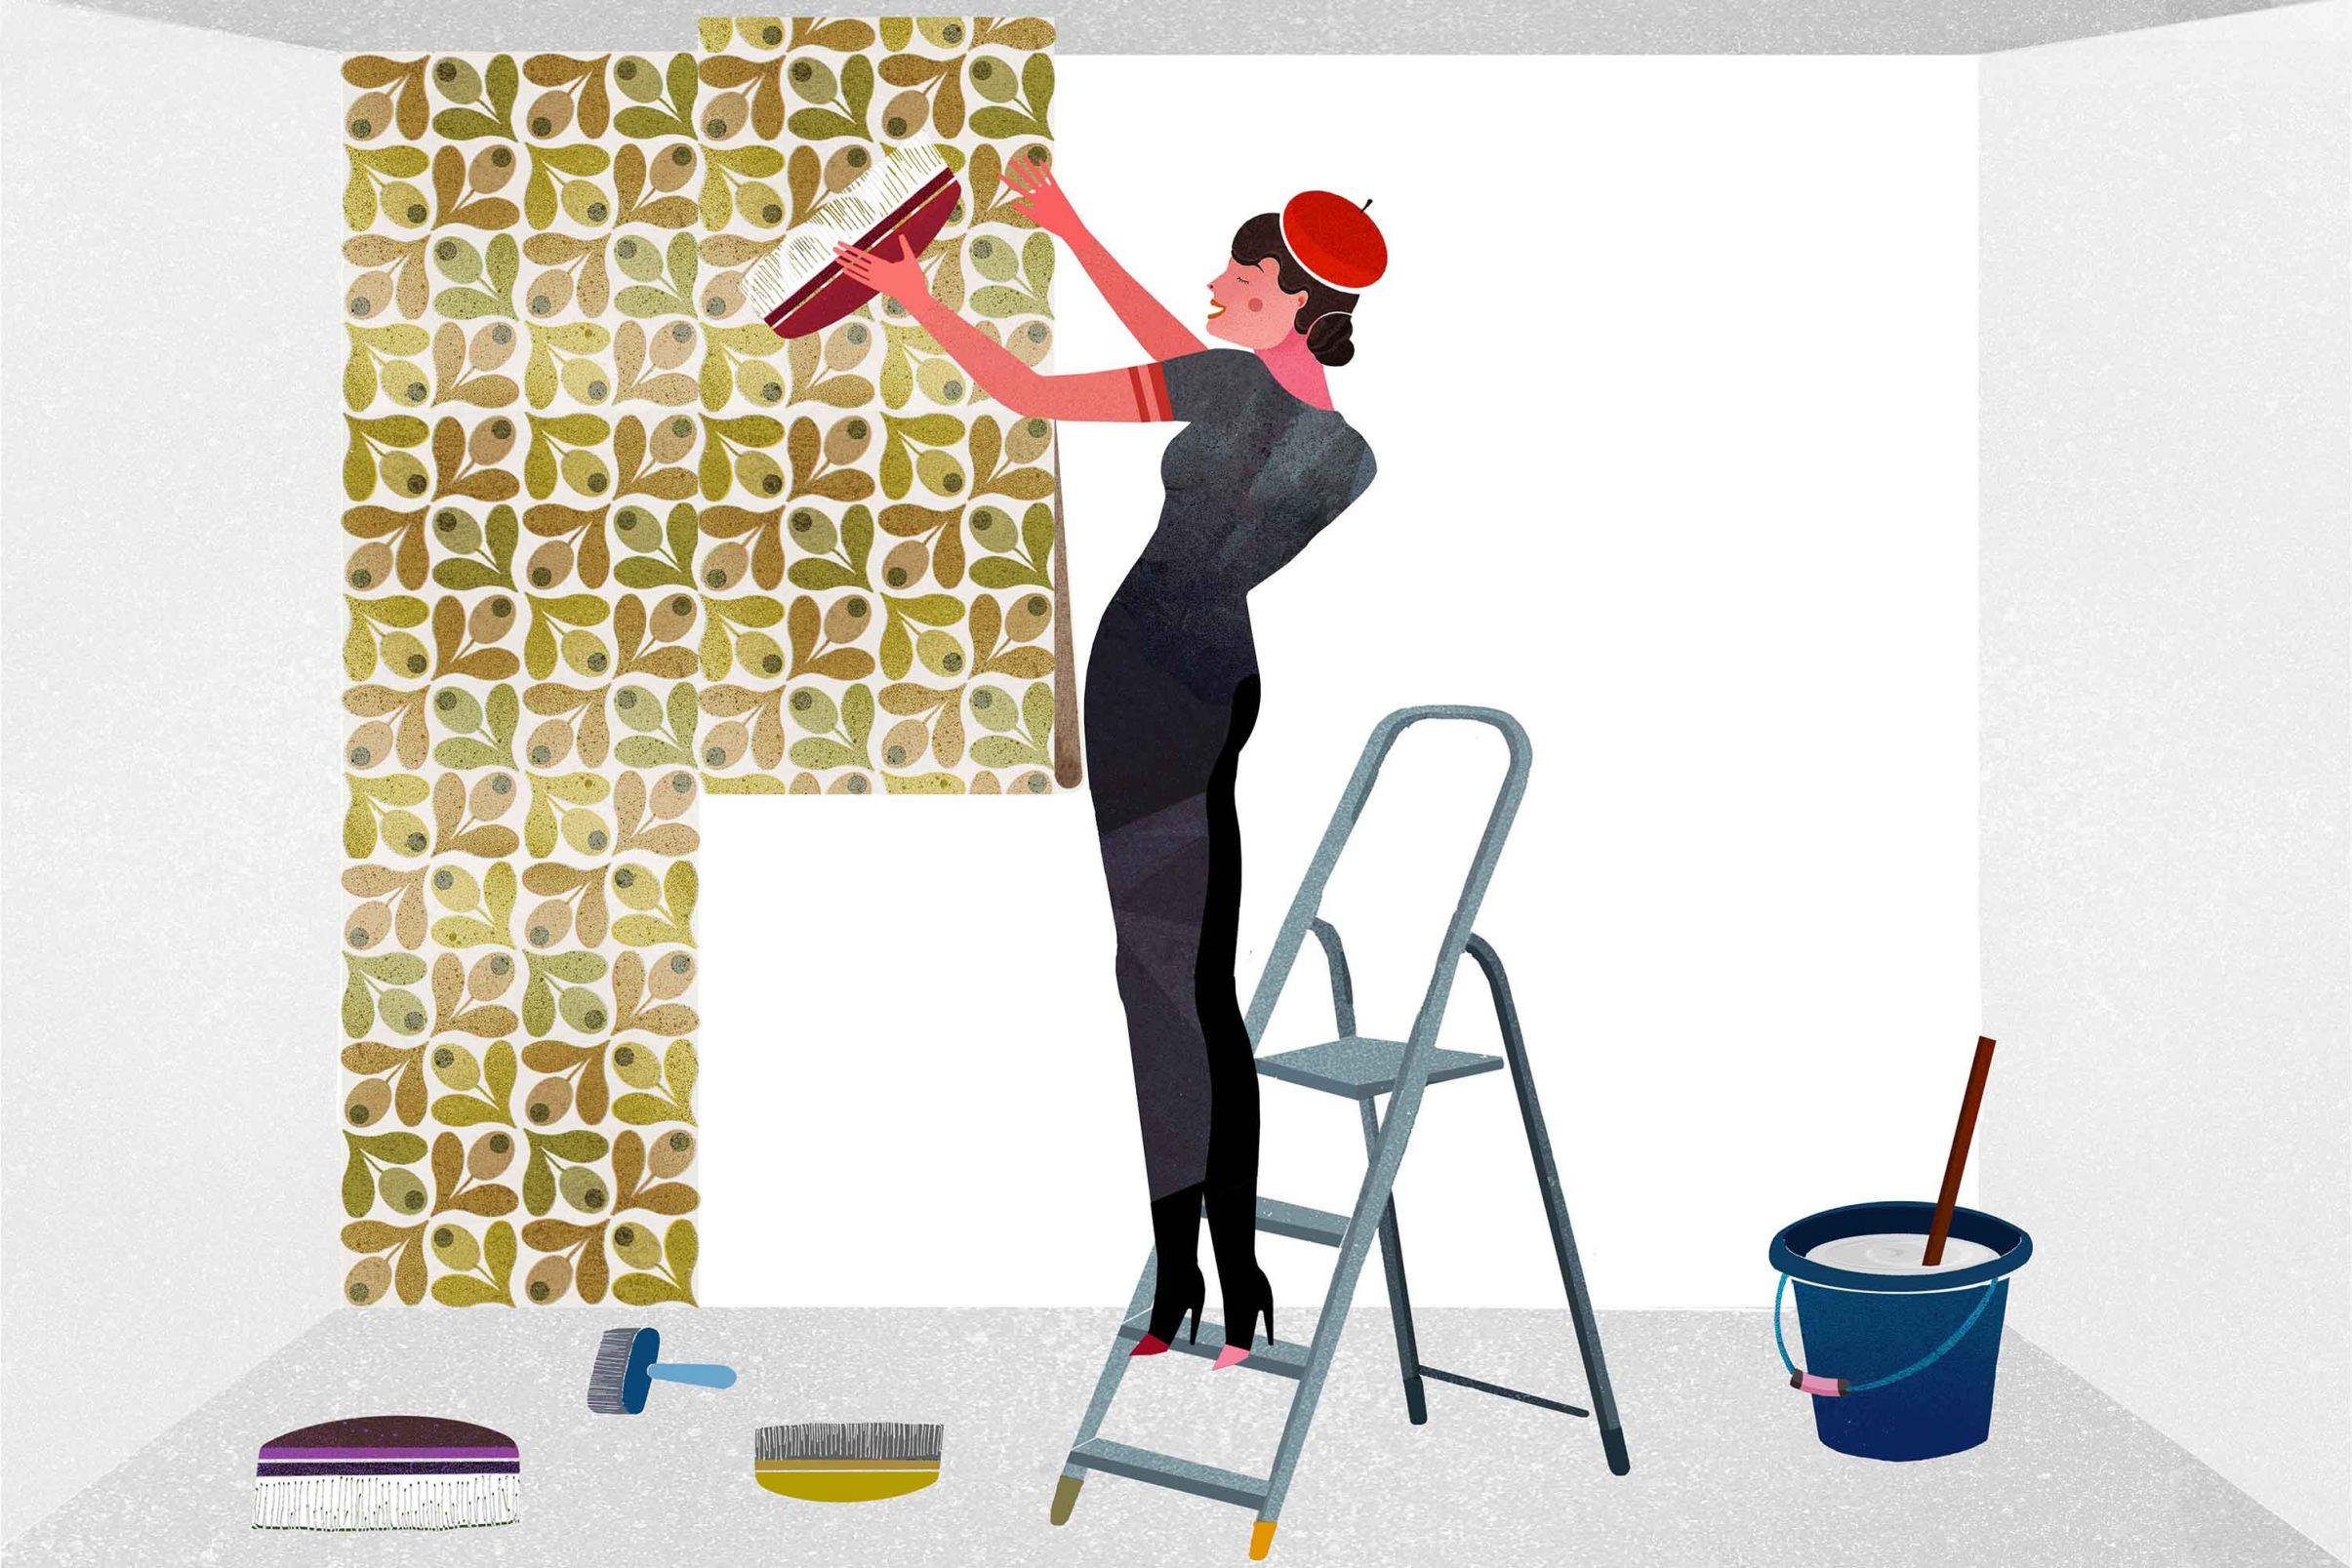 Come-posare-carta-da-parati-a-base-di-carta-Posare-i-teli-di-carta-da-parati-alla-parete